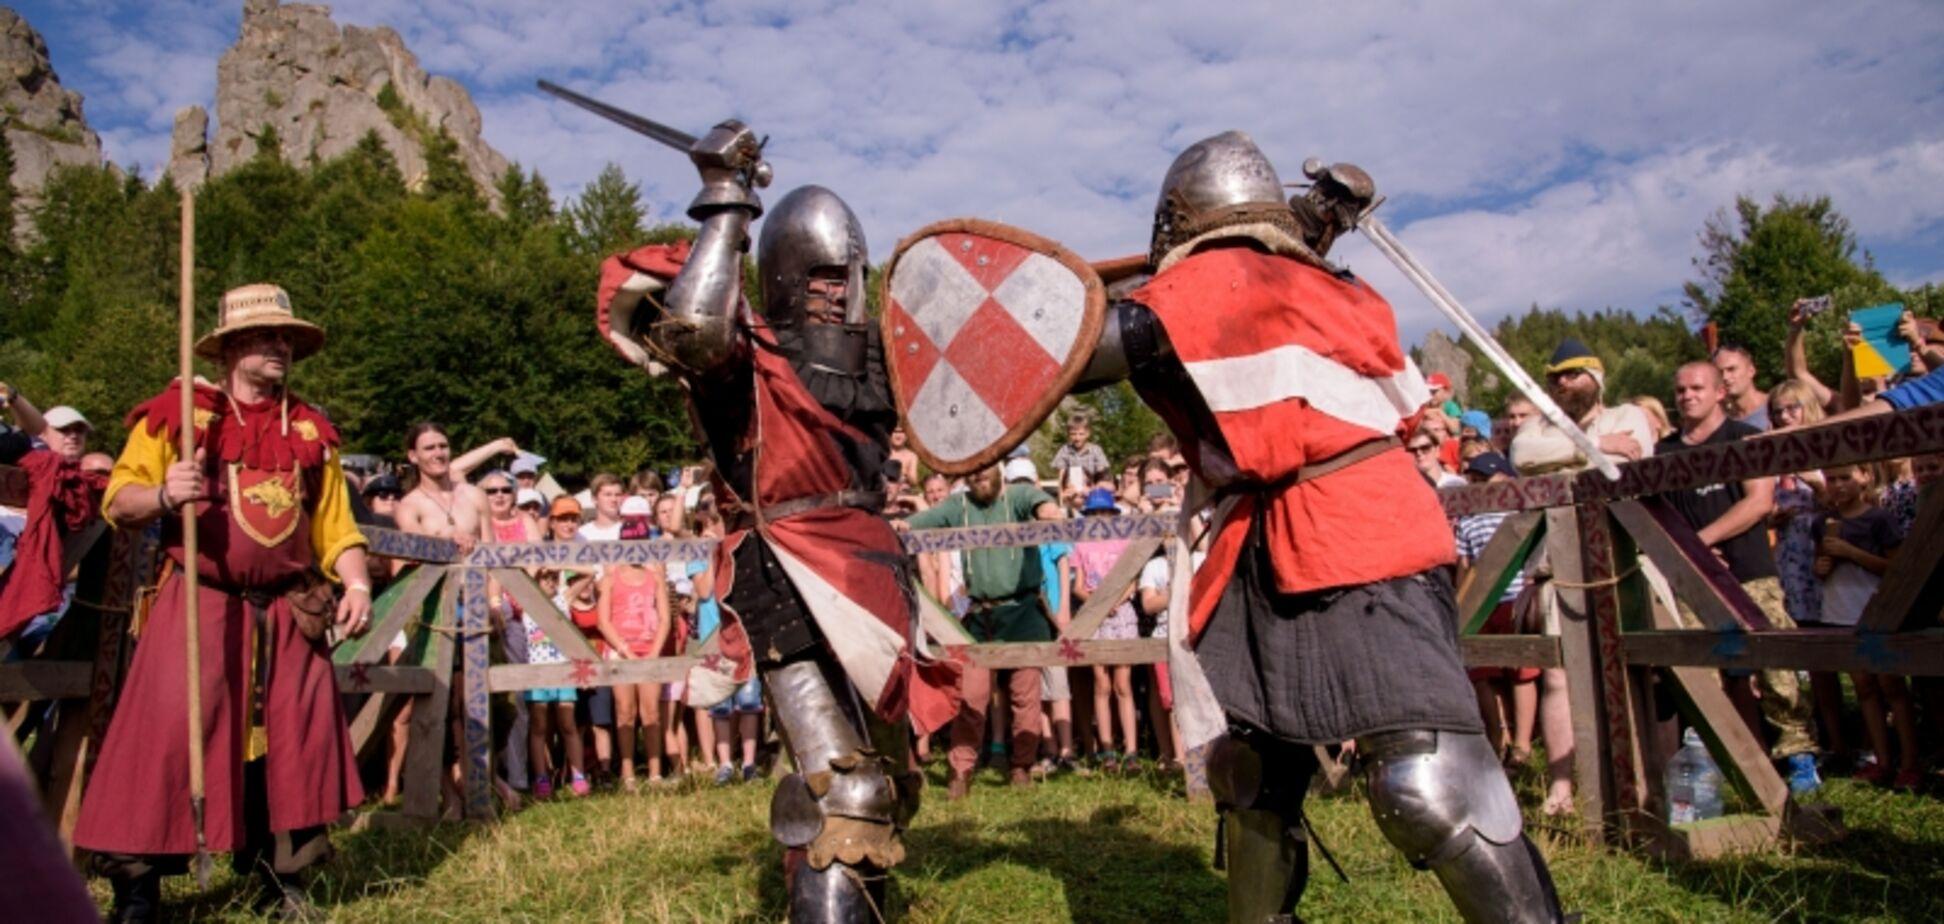 Рыцари, луки и штурм крепости: Львовщина погрузится в Средневековье